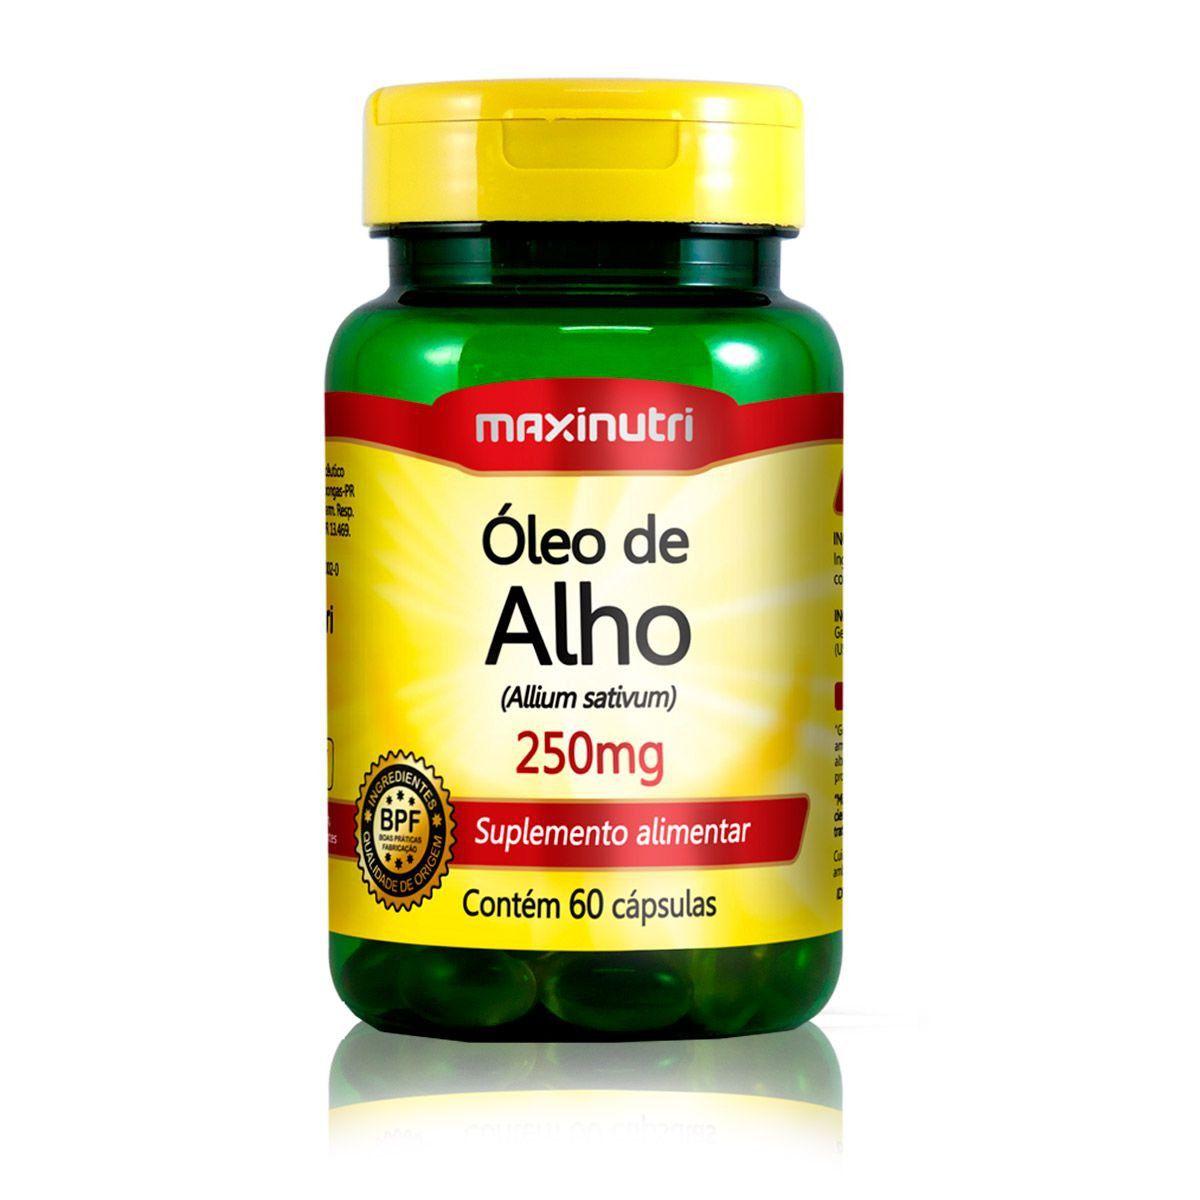 Óleo de Alho 250mg 60 Caps - Maxinutri